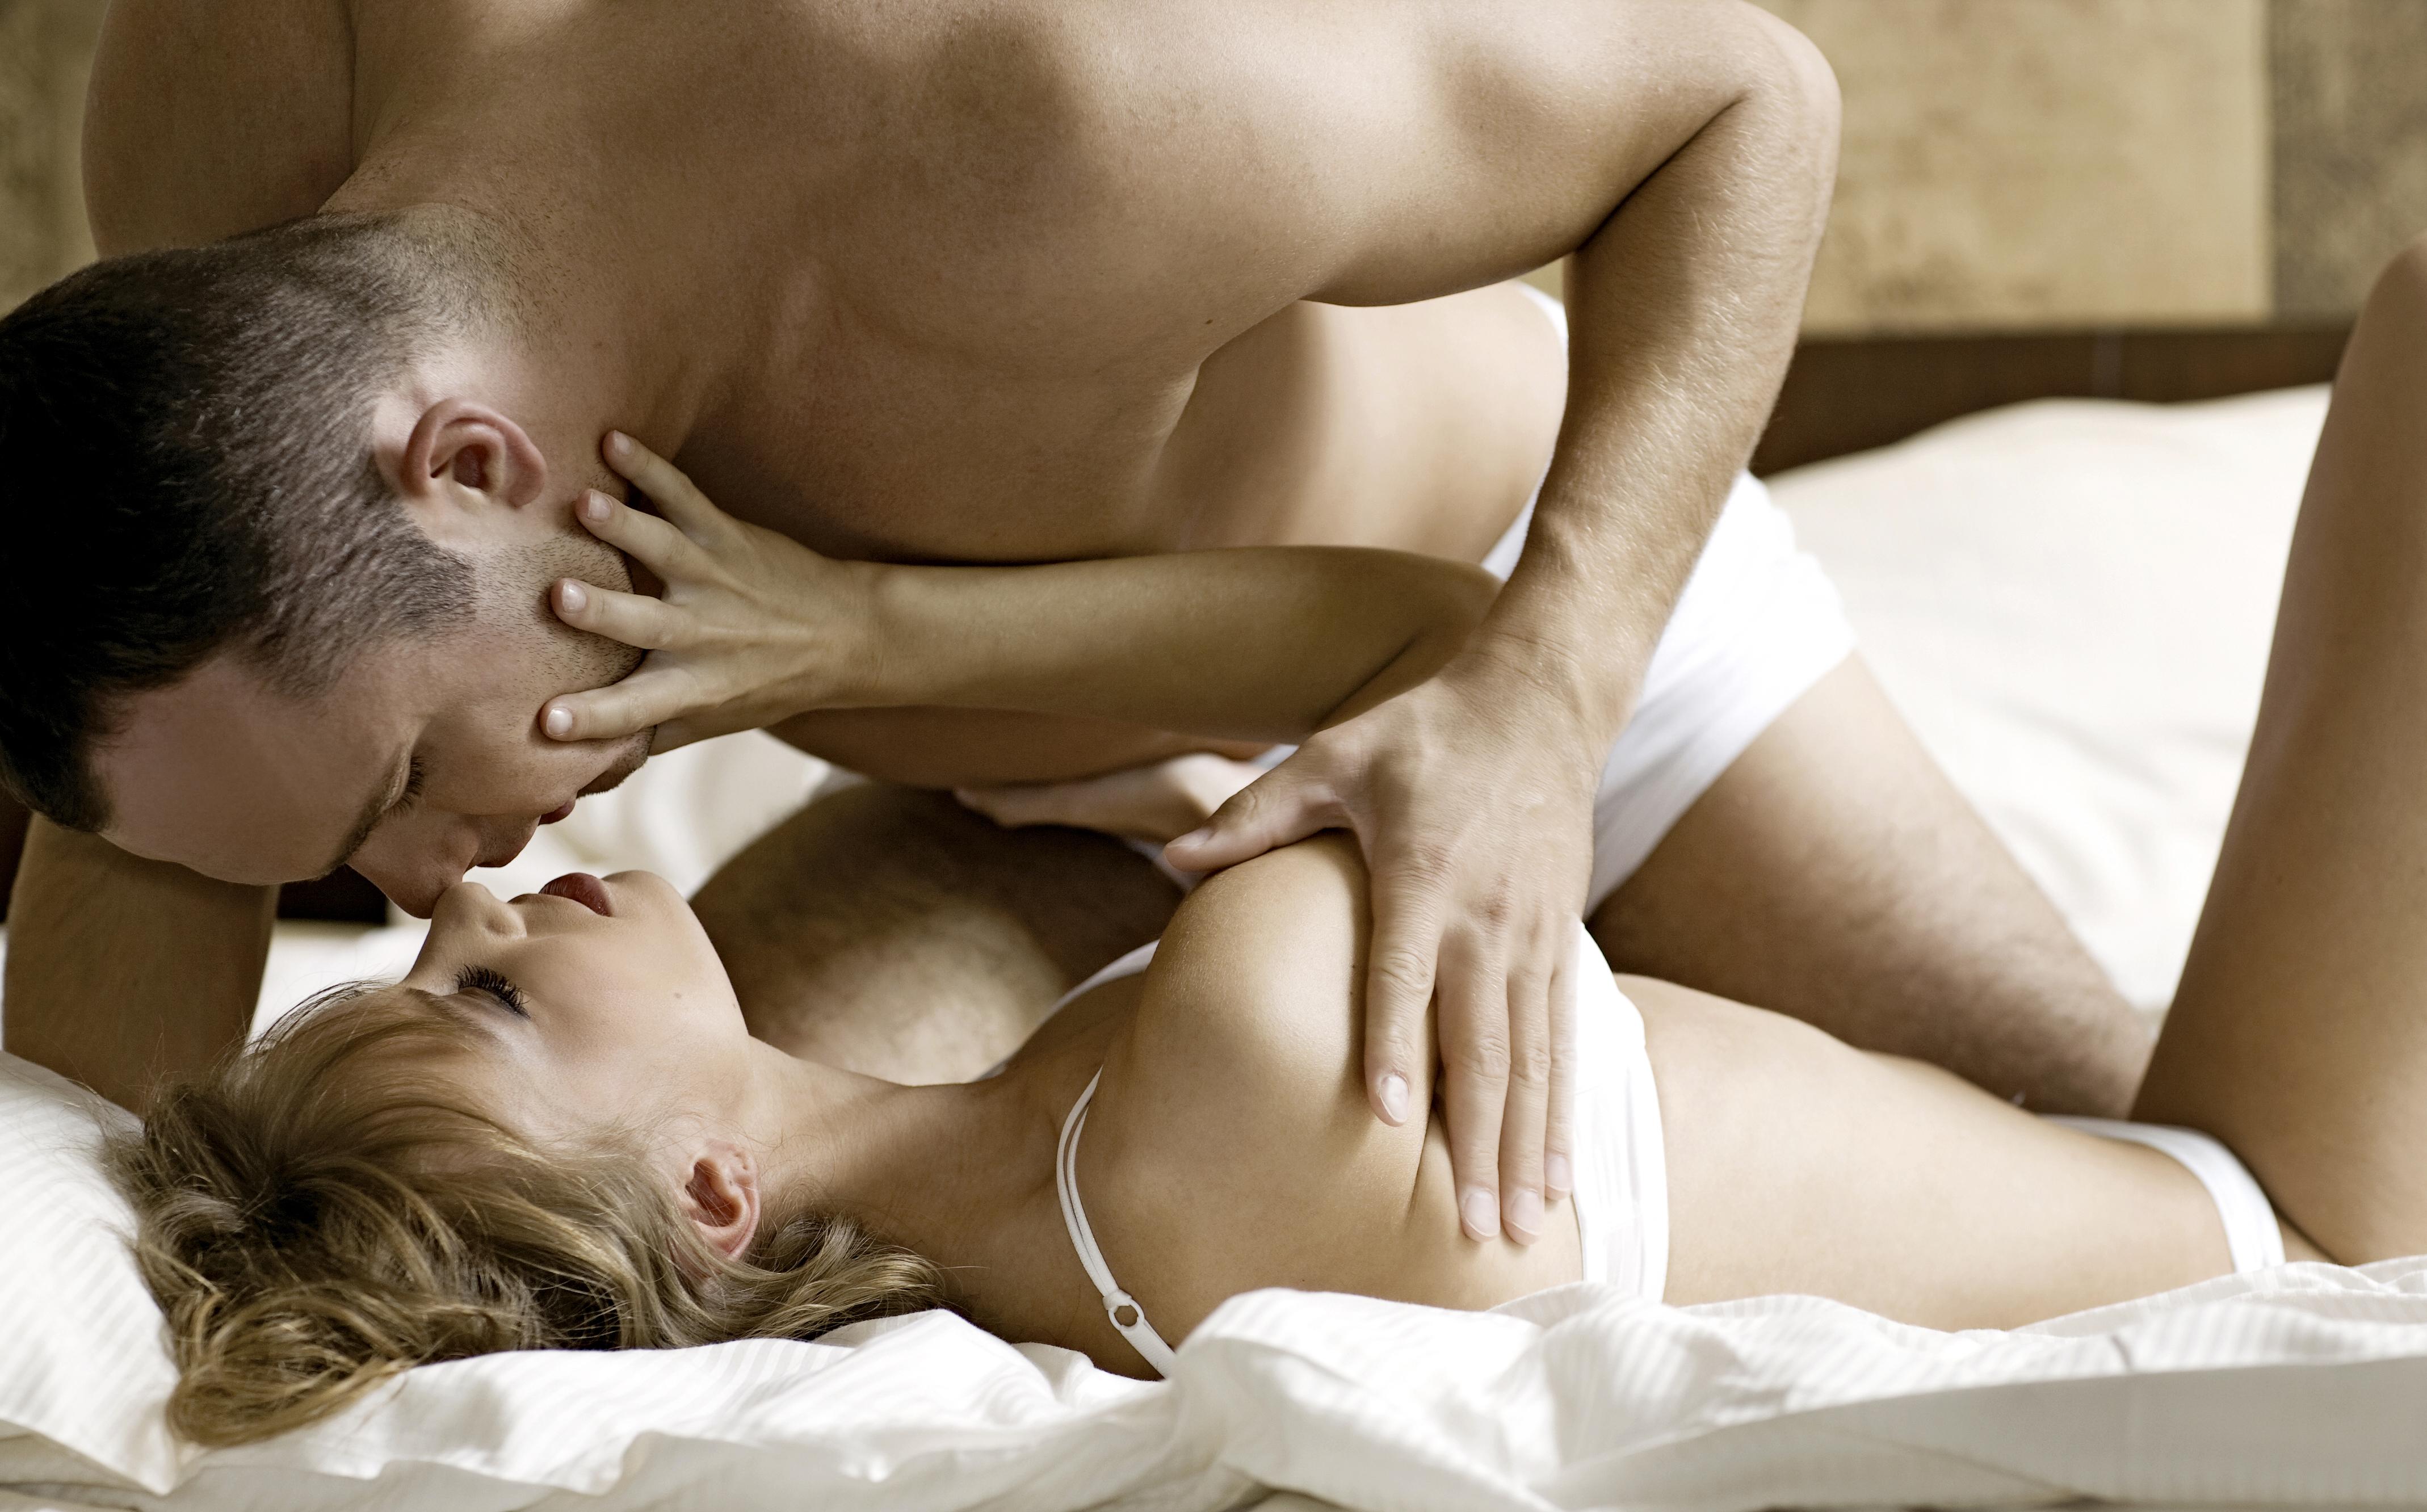 Эротические игры для двоих в постели, Дюжина эротических игр для двоих 18 фотография